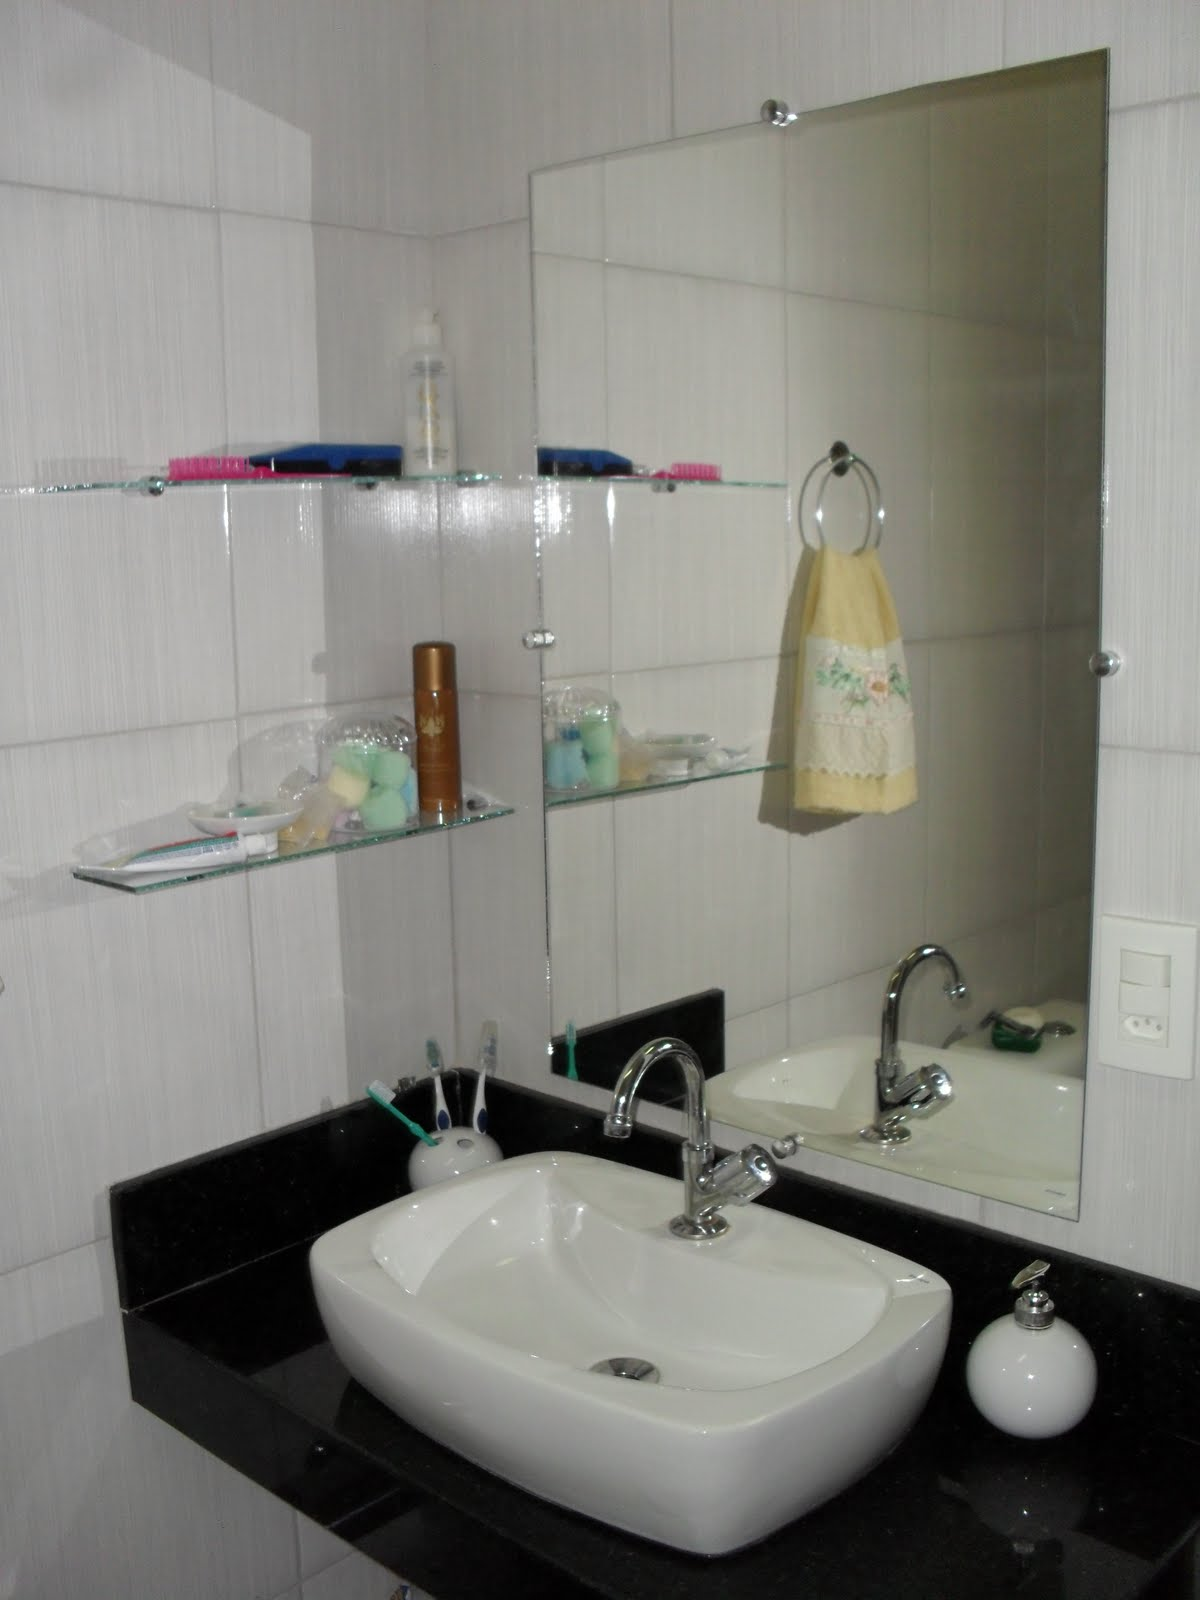 EU SOU DONA DE MIM DECORAÇÃO DE BANHEIROS -> Decoracao Banheiro Homem